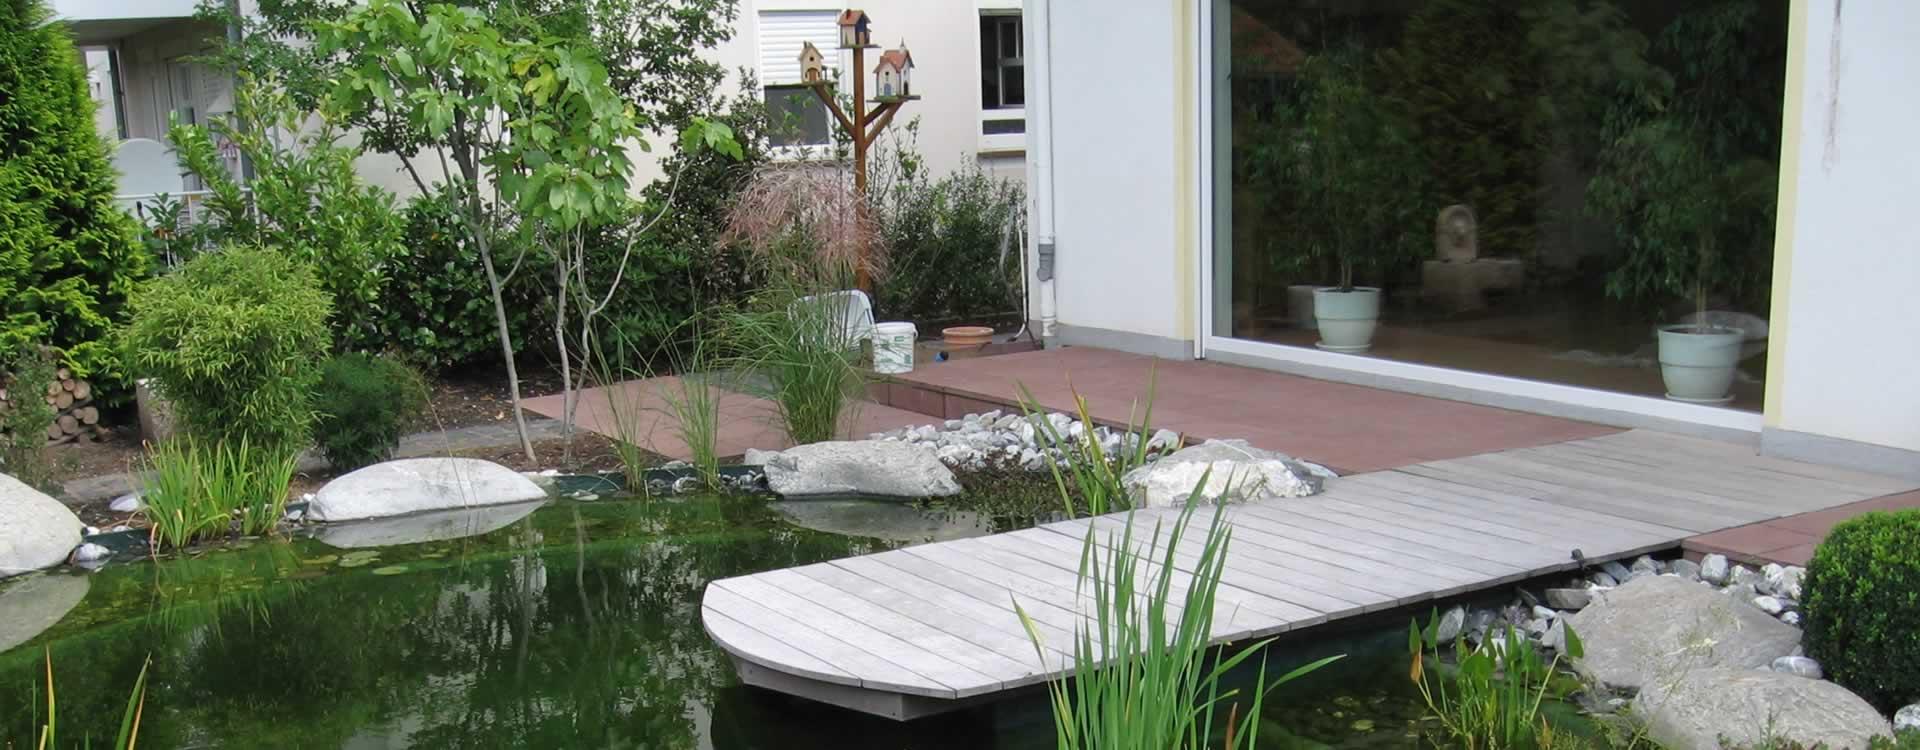 schwimmteich schwimmteiche badeteich von teichbau moseler ihr spezialist f r teiche gfk. Black Bedroom Furniture Sets. Home Design Ideas